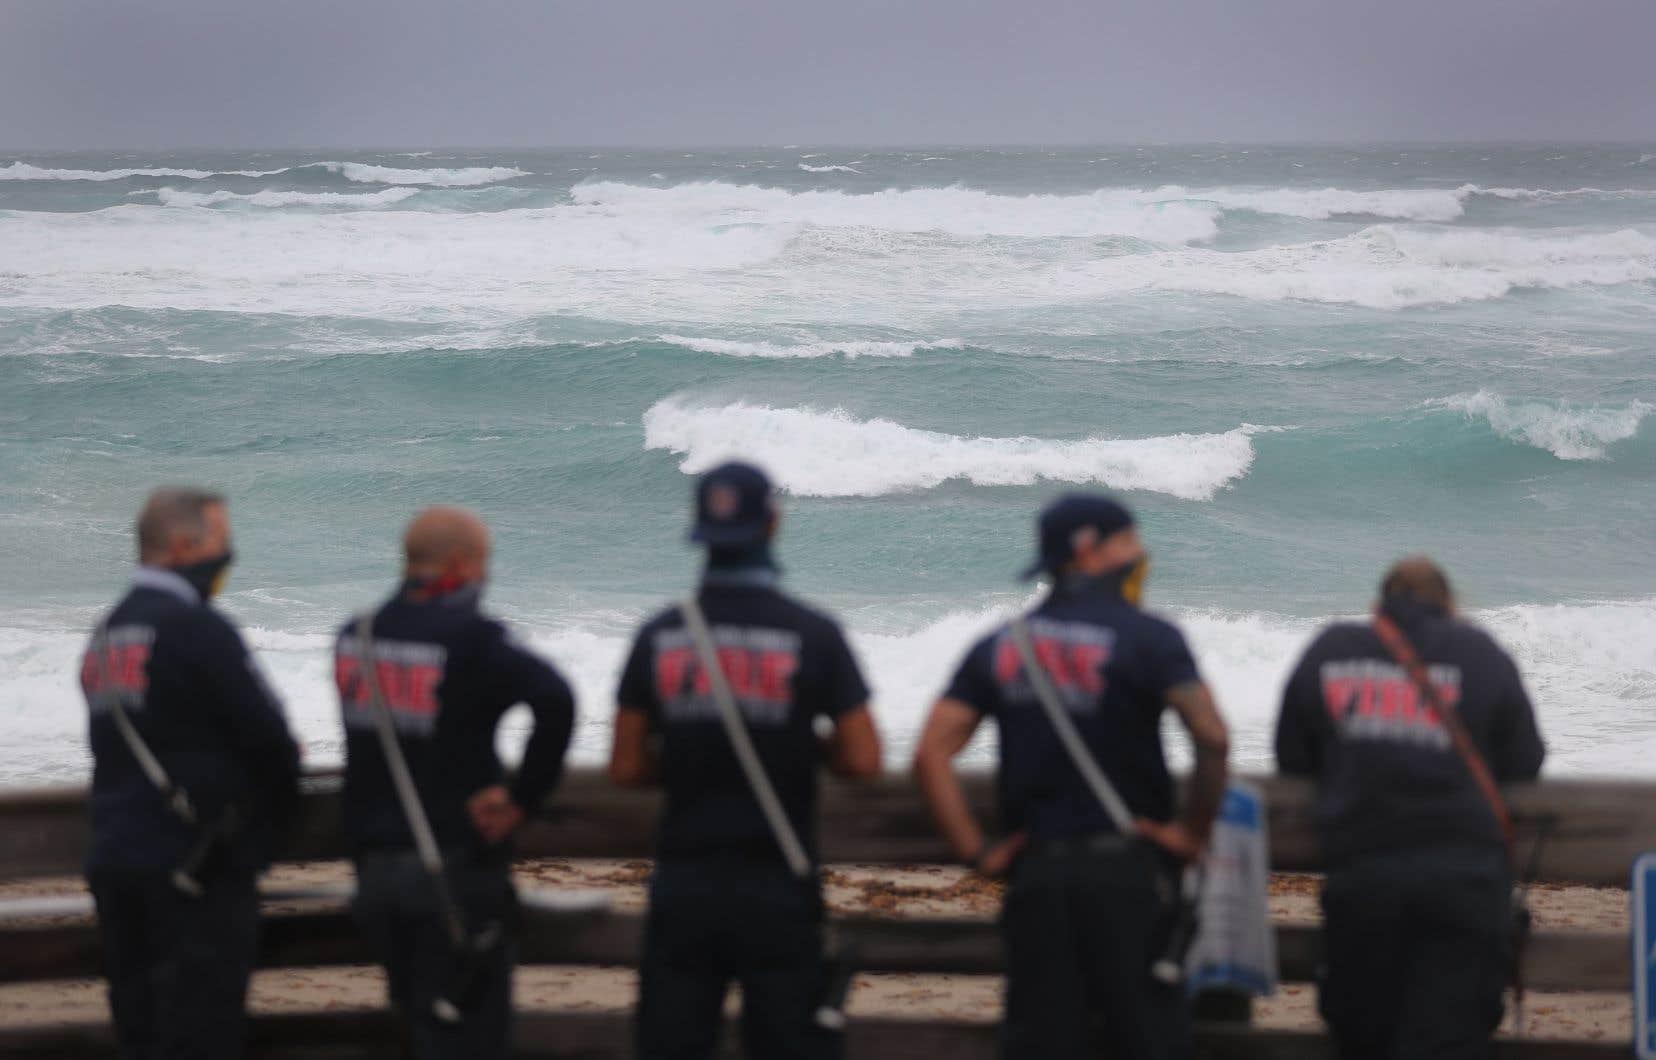 Le comté de Palm Beach a lancé un avis d'évacuation volontaire. À 8 h du matin, «Isaias» se trouvait à 70 km de West Palm Beach. Sur la photo, Juno Beach, sur la côte est de la Floride